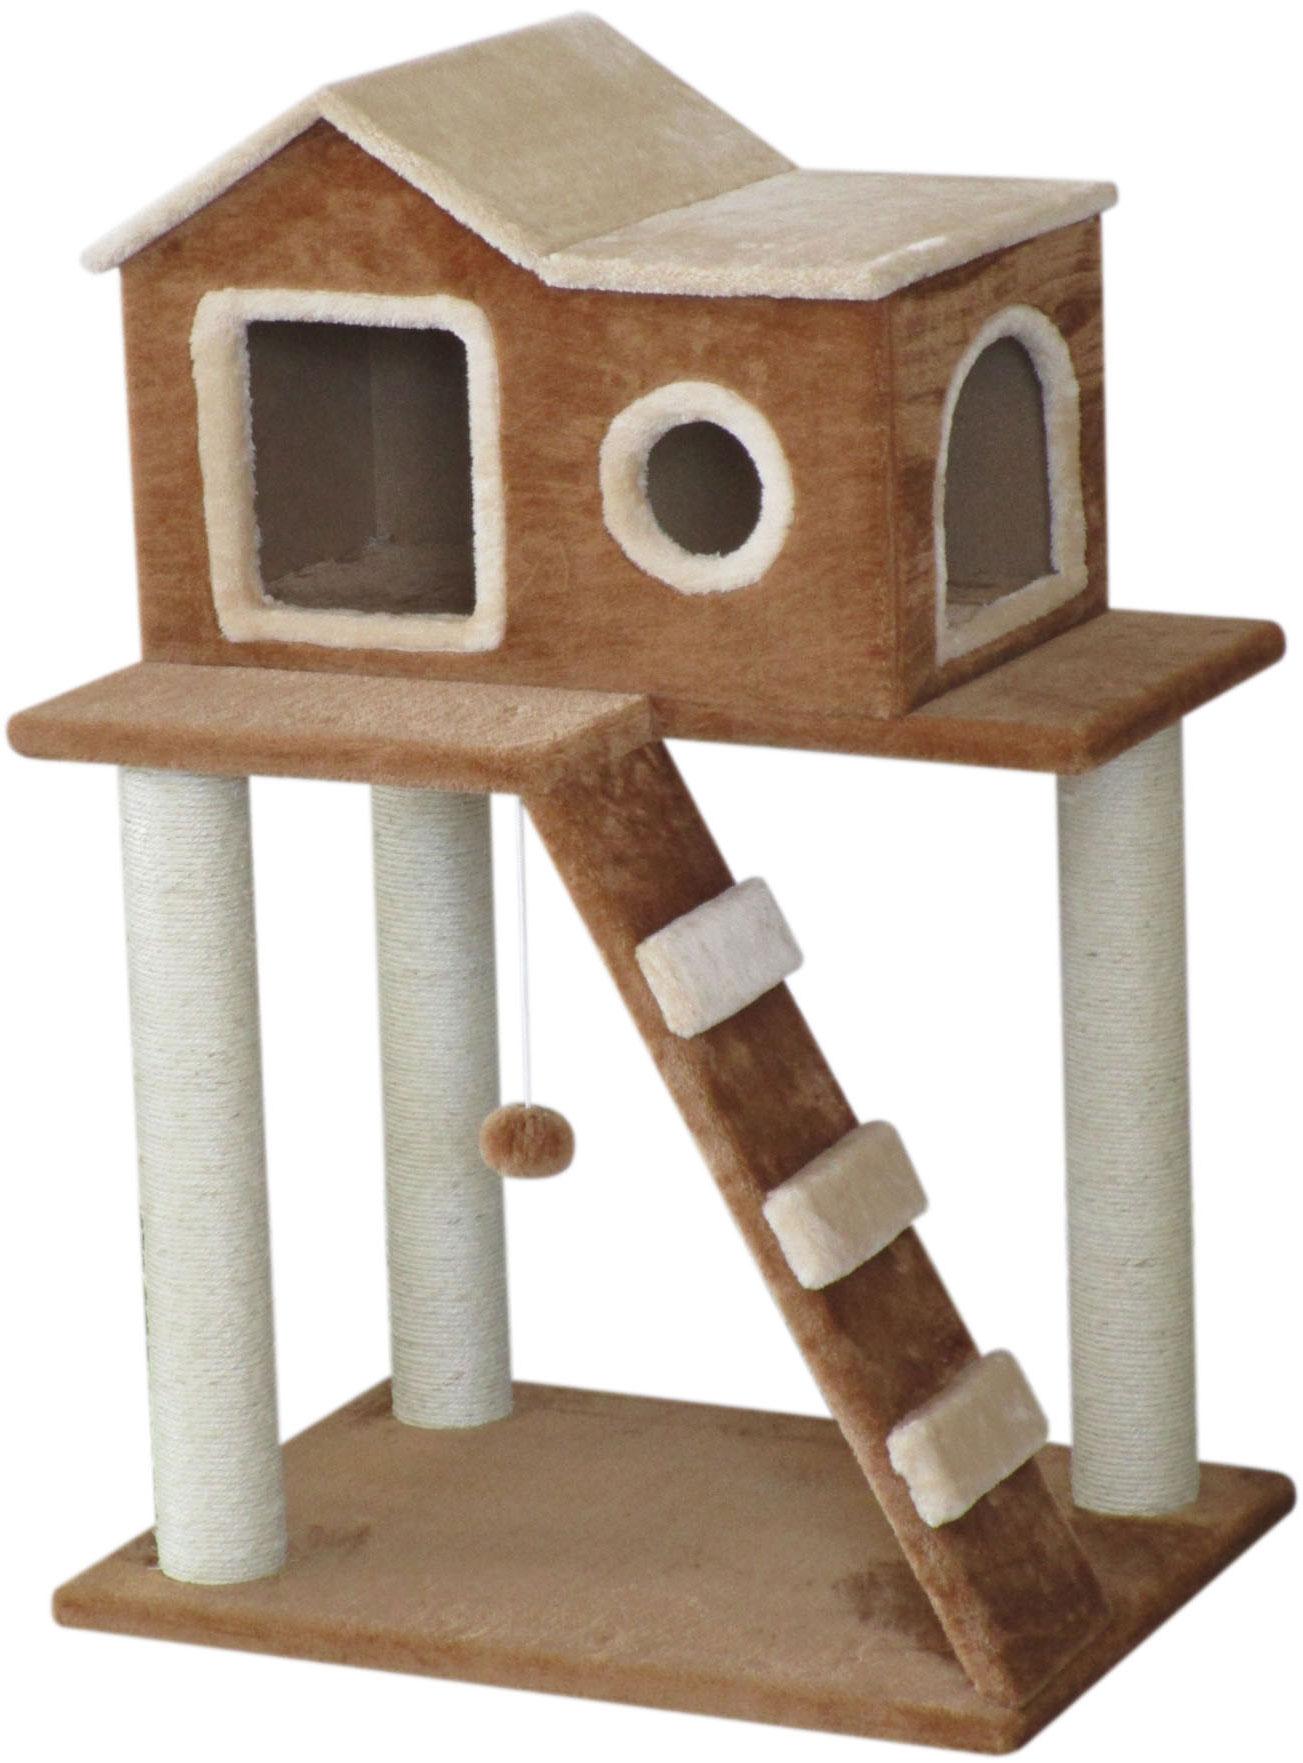 Игровой комплекс для кошек Aimigou, 2-ярусный, цвет: коричневый, бежевый, белый, 45 х 60 х 86 смQQ80862Игровой комплекс Aimigou выполнен из высококачественного ДСП и обтянут искусственным мехом. Изделие предназначено для кошек. Комплекс имеет 2 яруса. Ваш домашний питомец будет с удовольствием точить когти о специальные столбики, изготовленные из сизаля. А отдохнуть он сможет в уютном домике. Игровой комплекс Aimigou принесет пользу не только вашему питомцу, но и вам, так как он сохранит мебель от когтей и шерсти. Поставляется в разобранном виде. Комплектуется инструкцией по сборке. Общий размер: 45 х 60 х 86 см. Размер домика: 30 х 45 х 34 см.